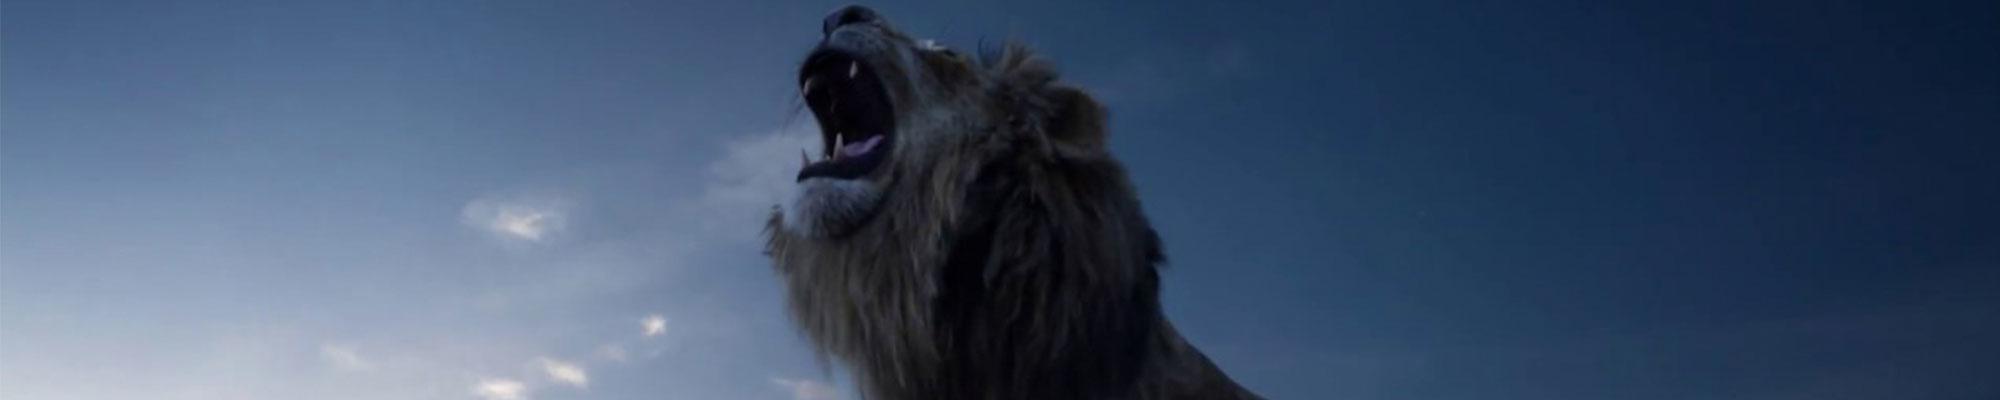 阳光照耀之地,皆为王土!迪士尼CG电影《狮子王》放出先导预告